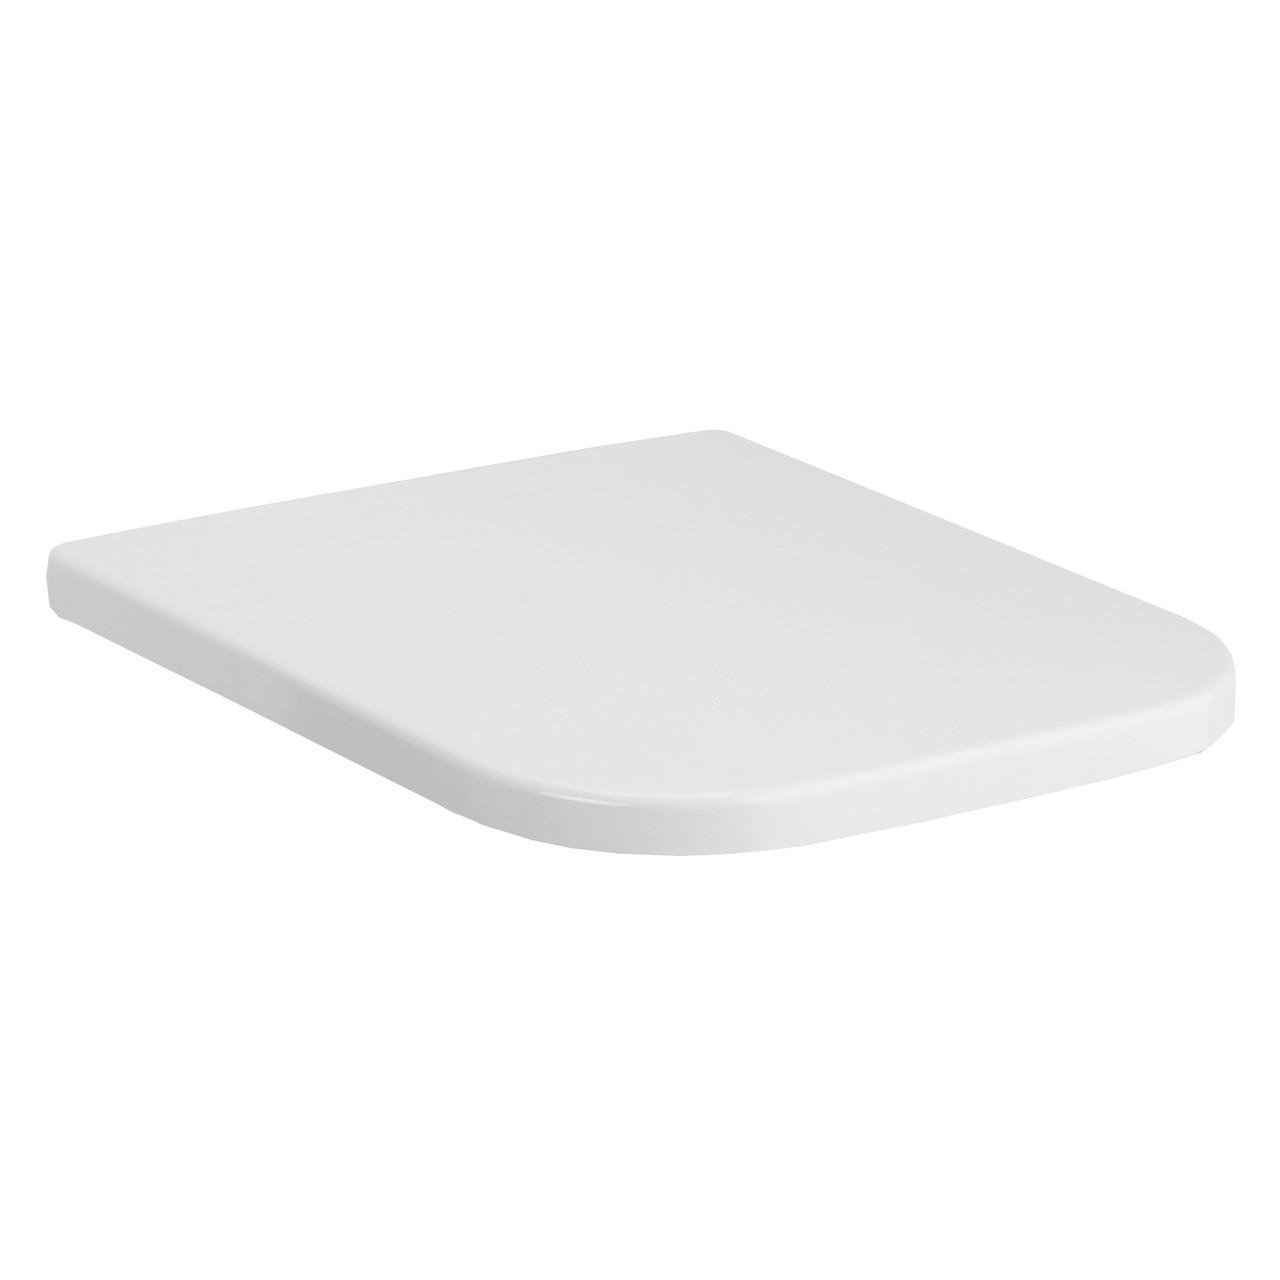 Сиденье для унитаза твердое slow-closing крепление метал Volle Orlando 13-35-054 белый